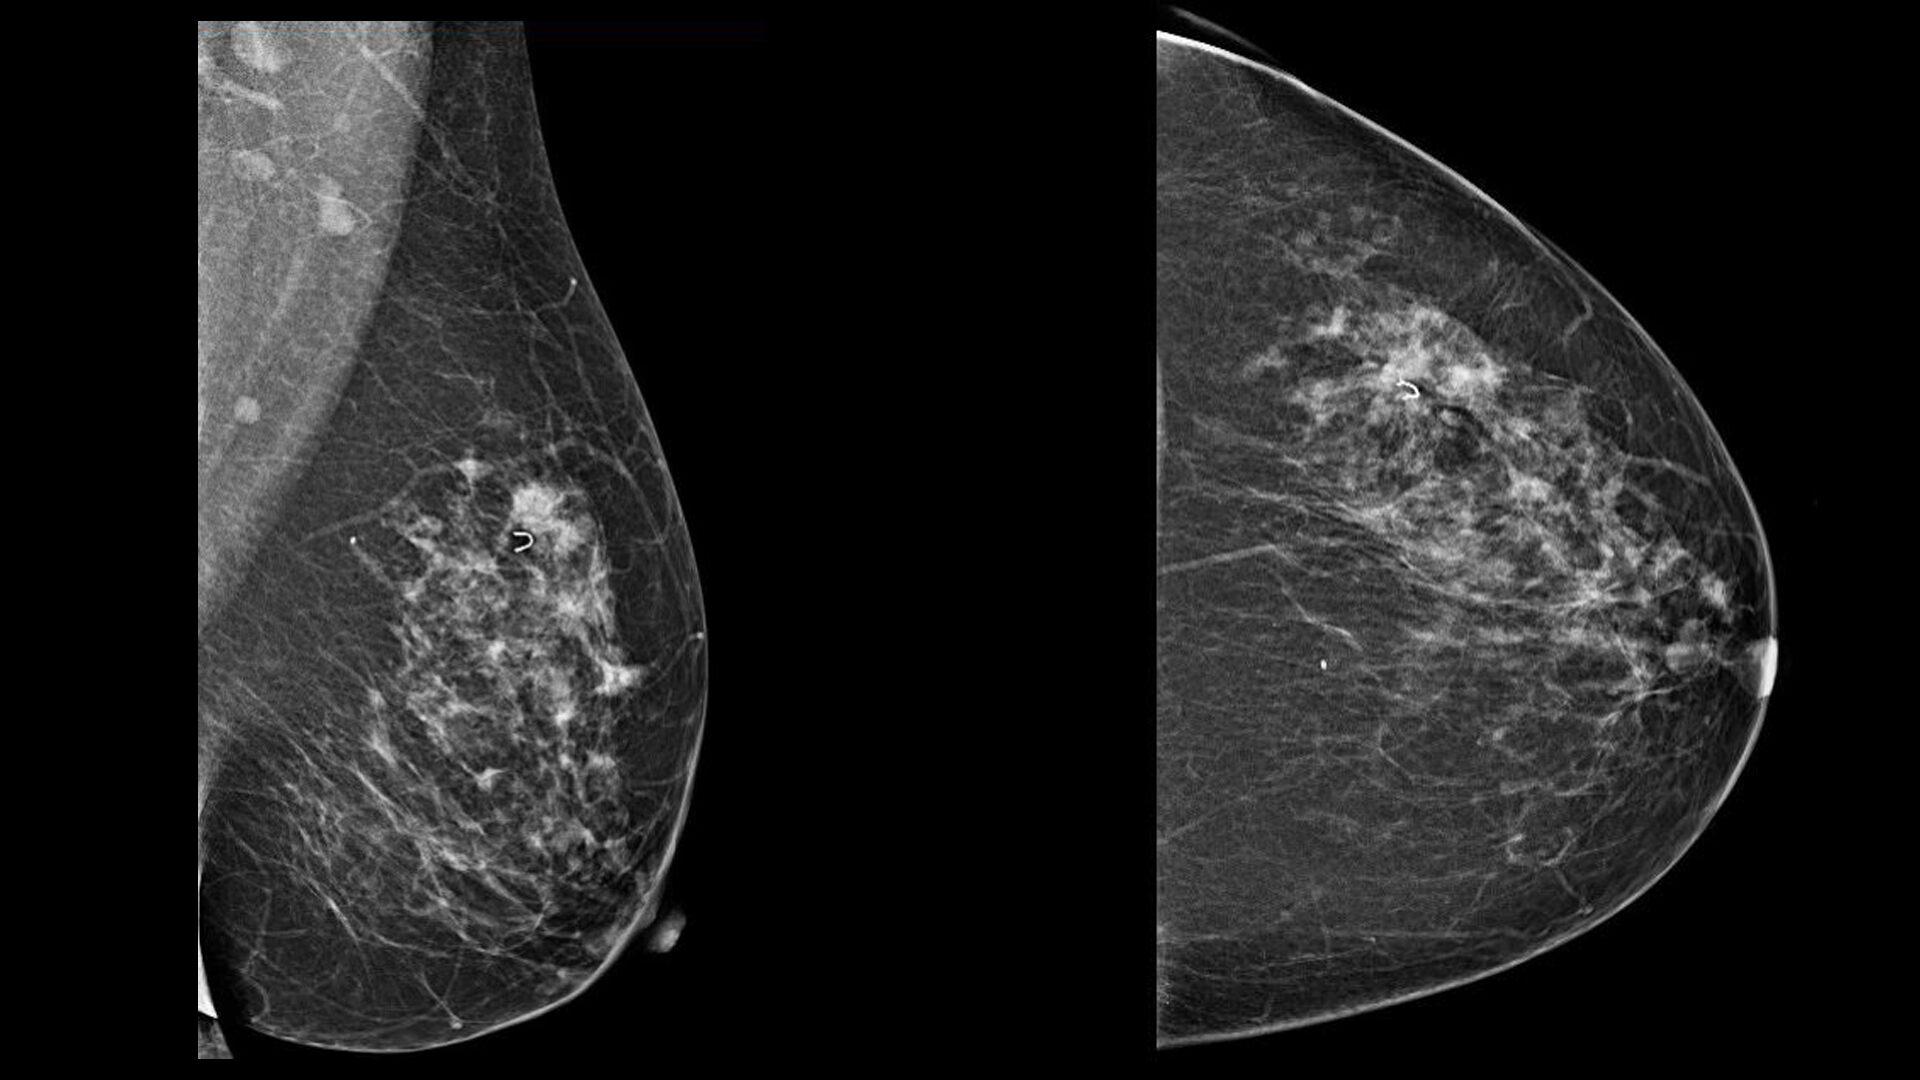 Раннее обследование состояния здоровья нецелесообразно для женщин в возрасте 40 лет